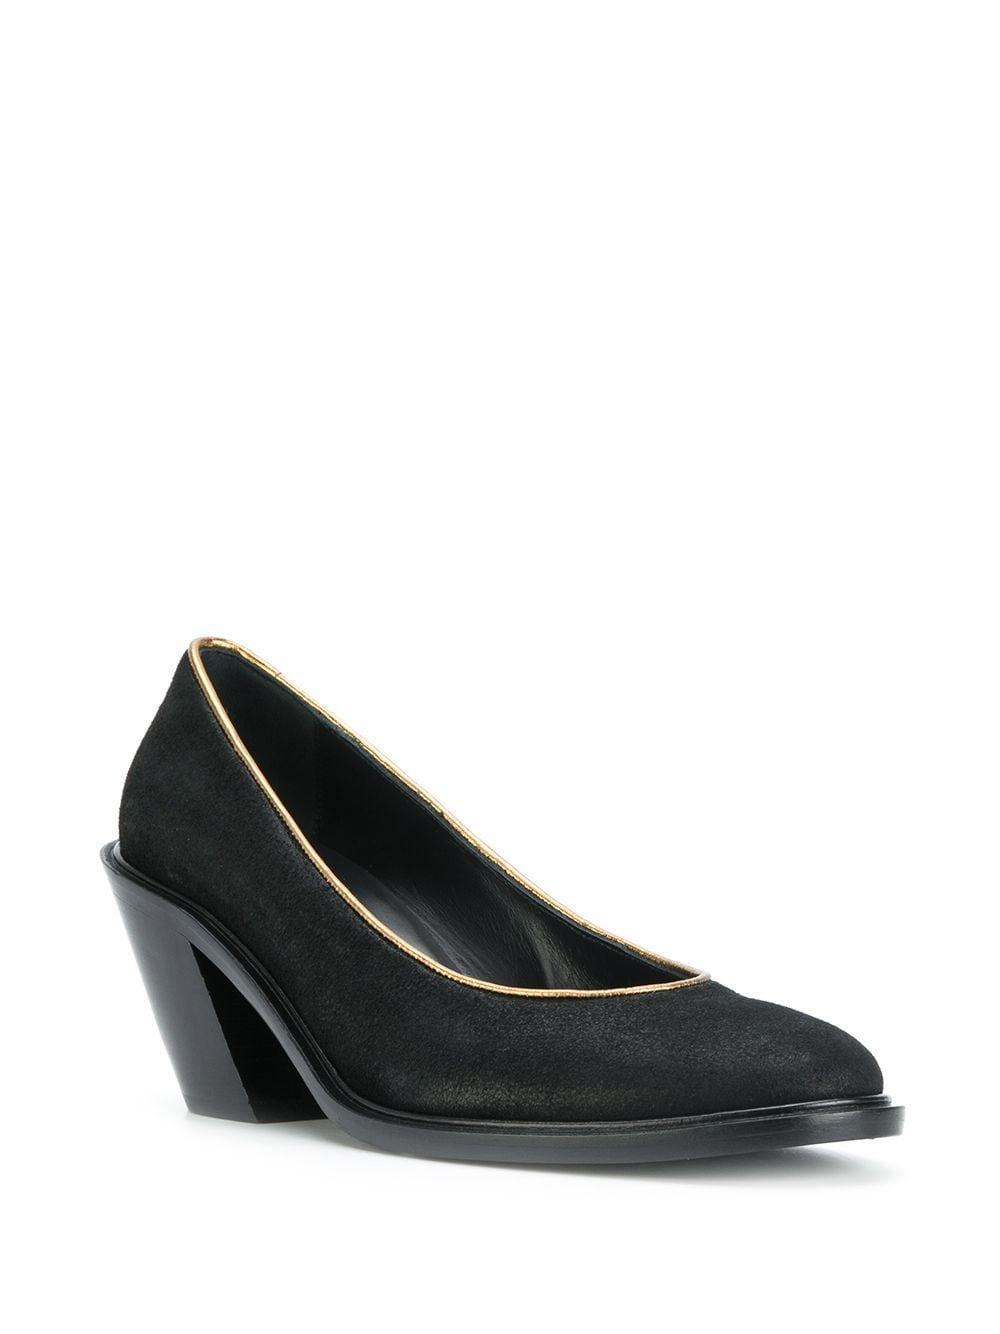 Zapatos de tacón con ribete dorado A.F.Vandevorst de Ante de color Negro